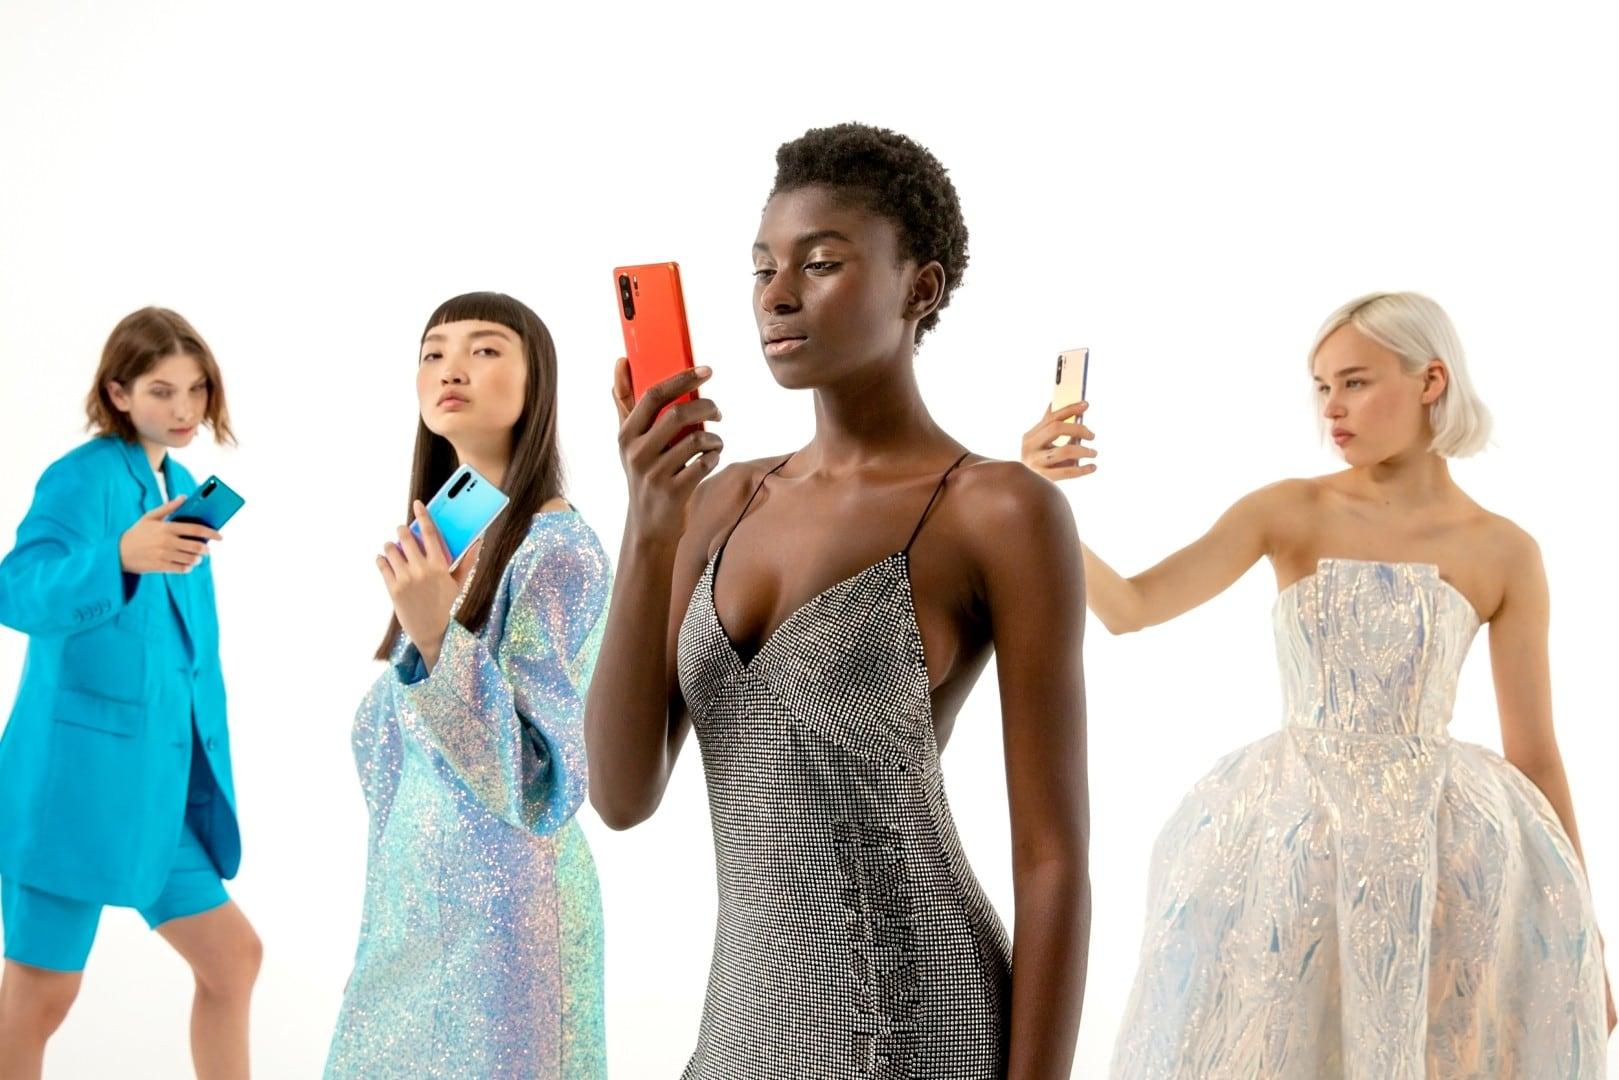 L'intelligenza artificiale crea moda: Huawei P30 ed Anna Yang presentano Fashion Flair (foto e video)